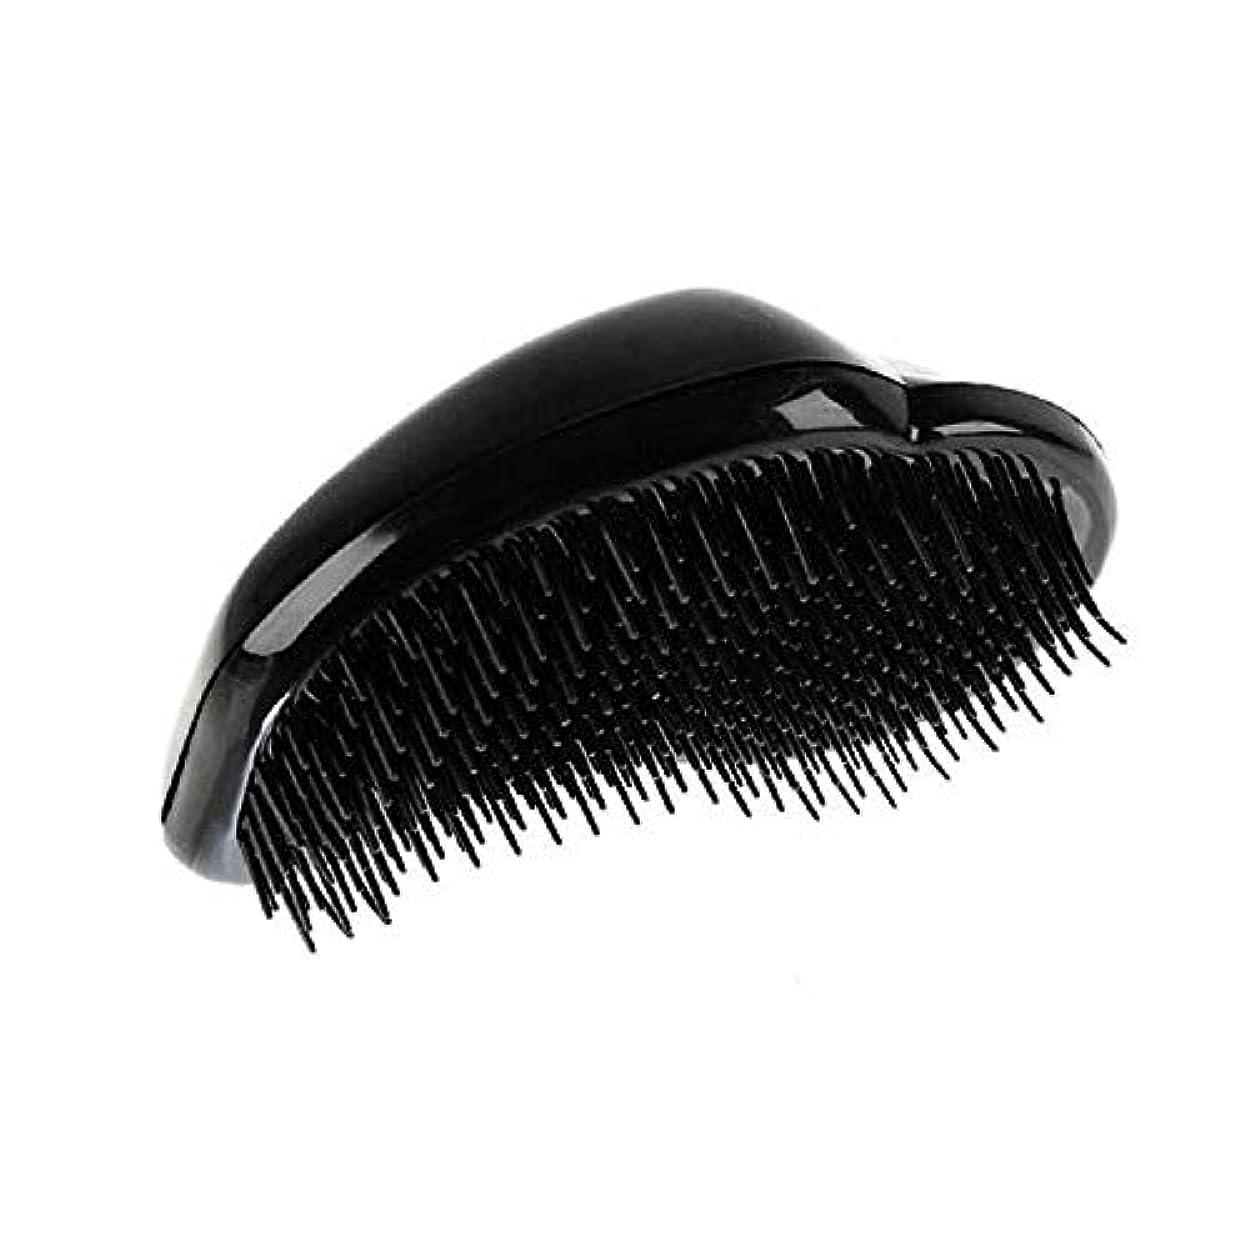 リンケージ表現毛布1st market 黒のプラスチック製の髪の櫛理髪の櫛の女性のエアバッグの櫛のマッサージの櫛のヘアブラシ帯電防止デタングルの櫛パーフェクト軽量ポケットサイズ1ピース耐久性と便利